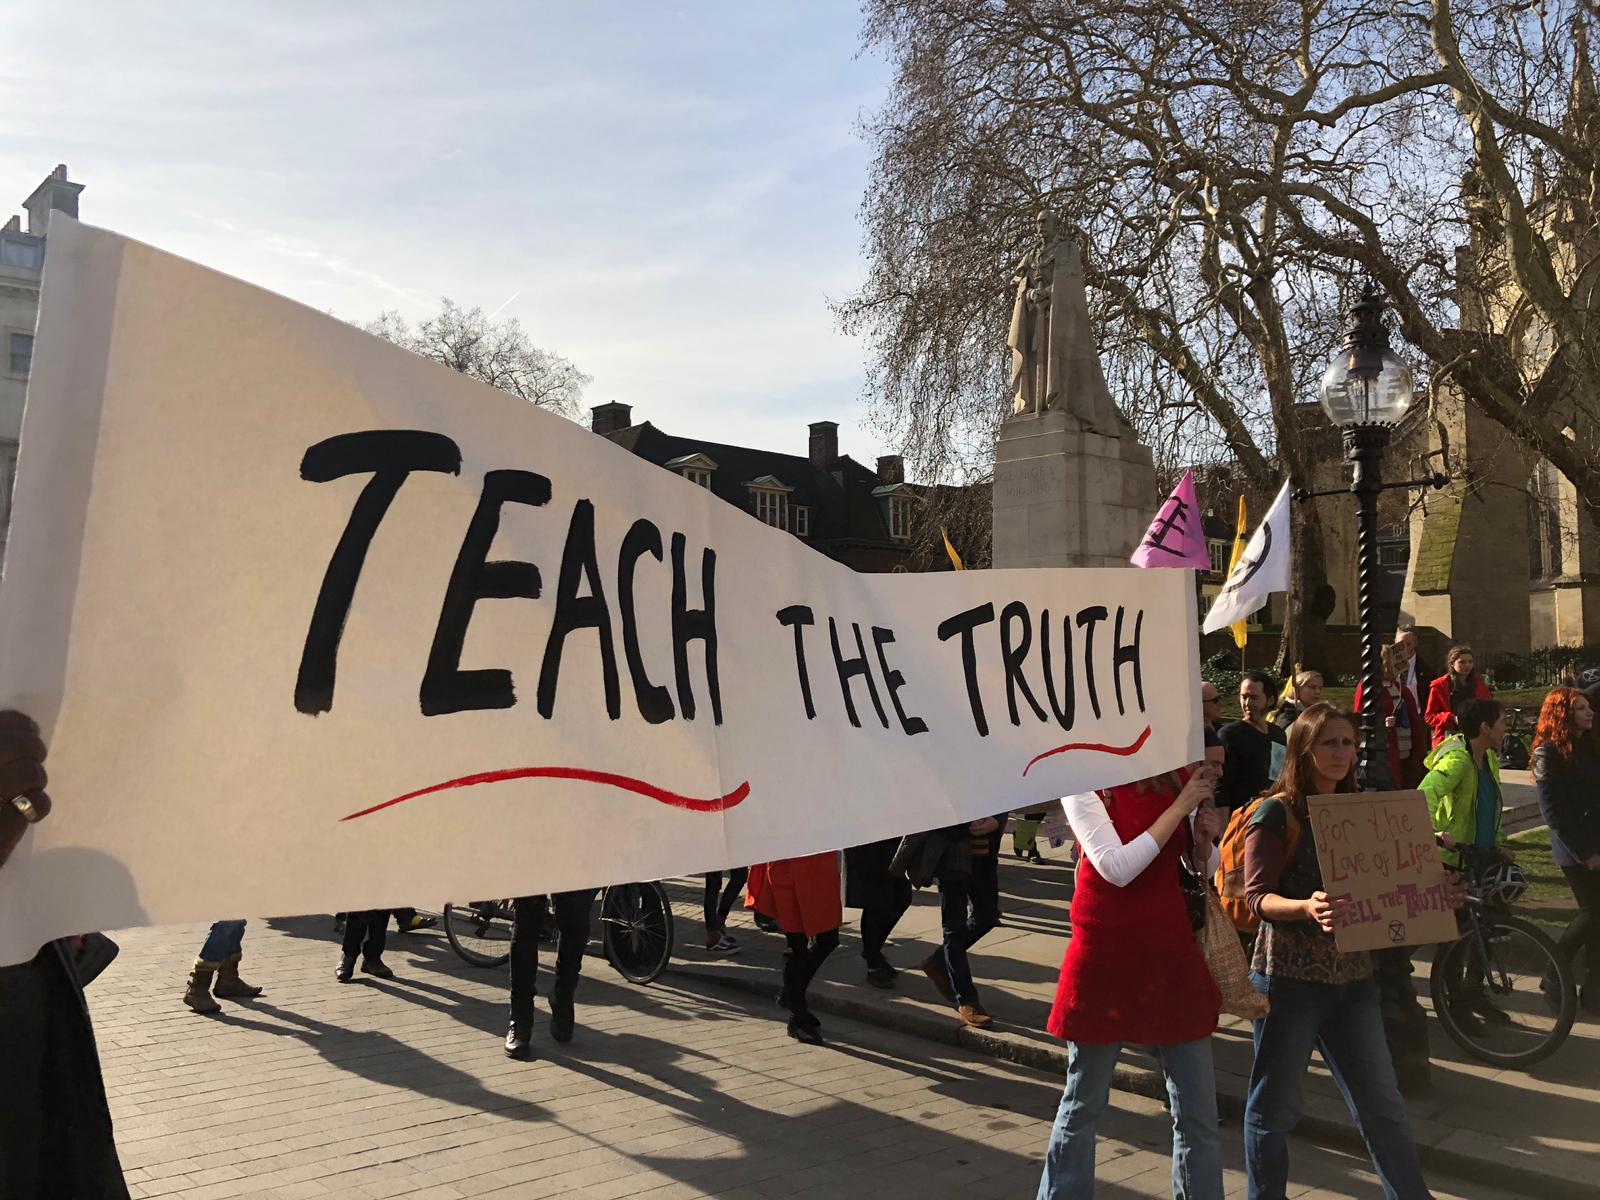 Teach the truth